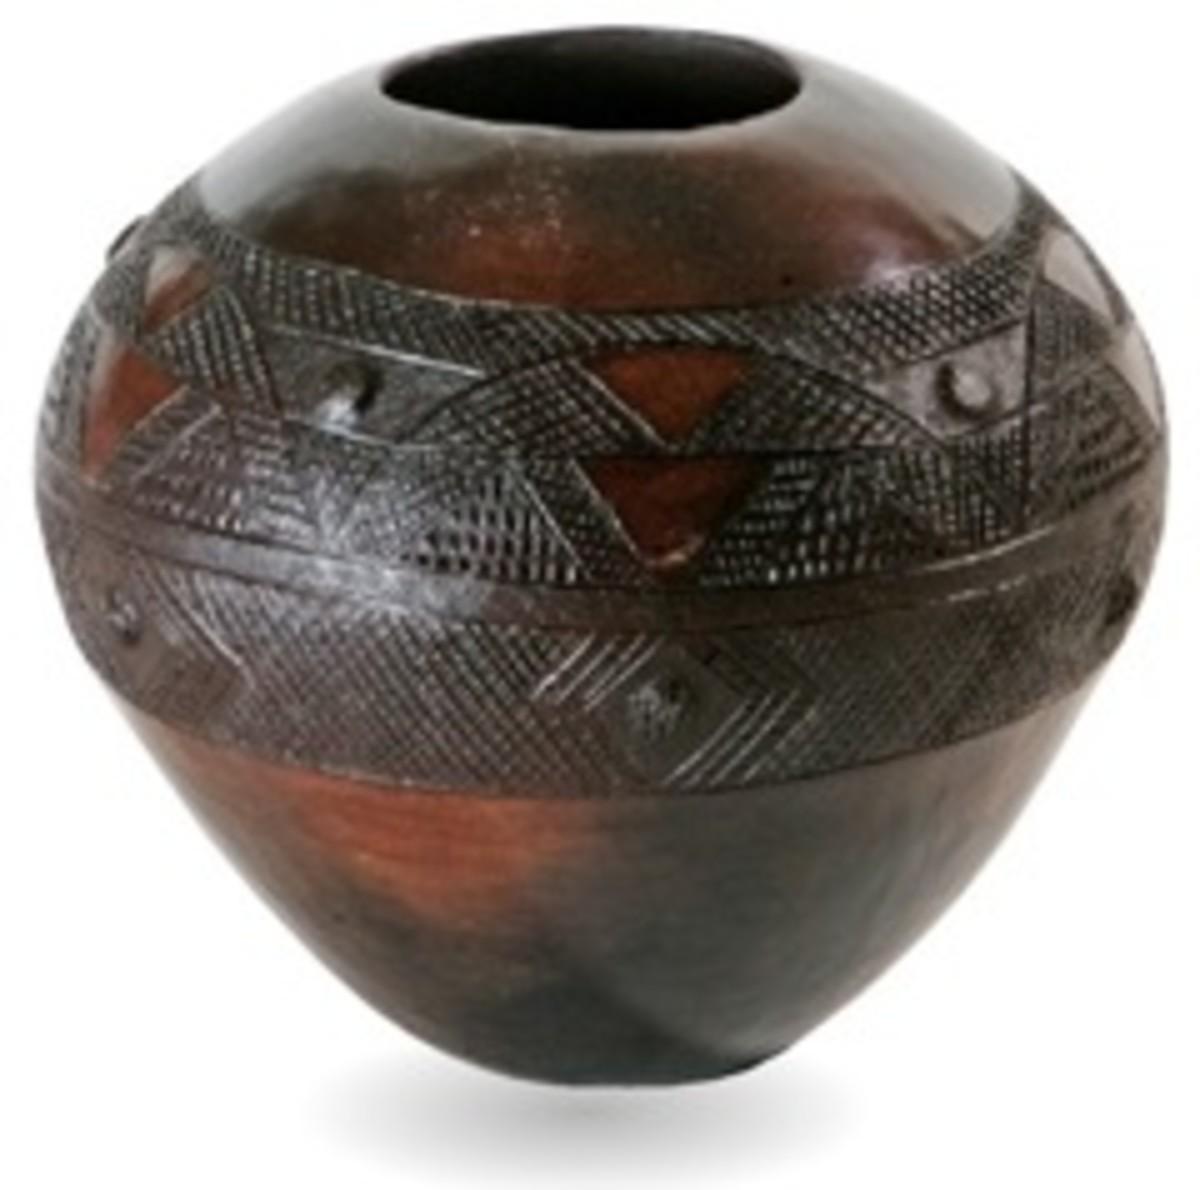 Zulu gourd/ceramics